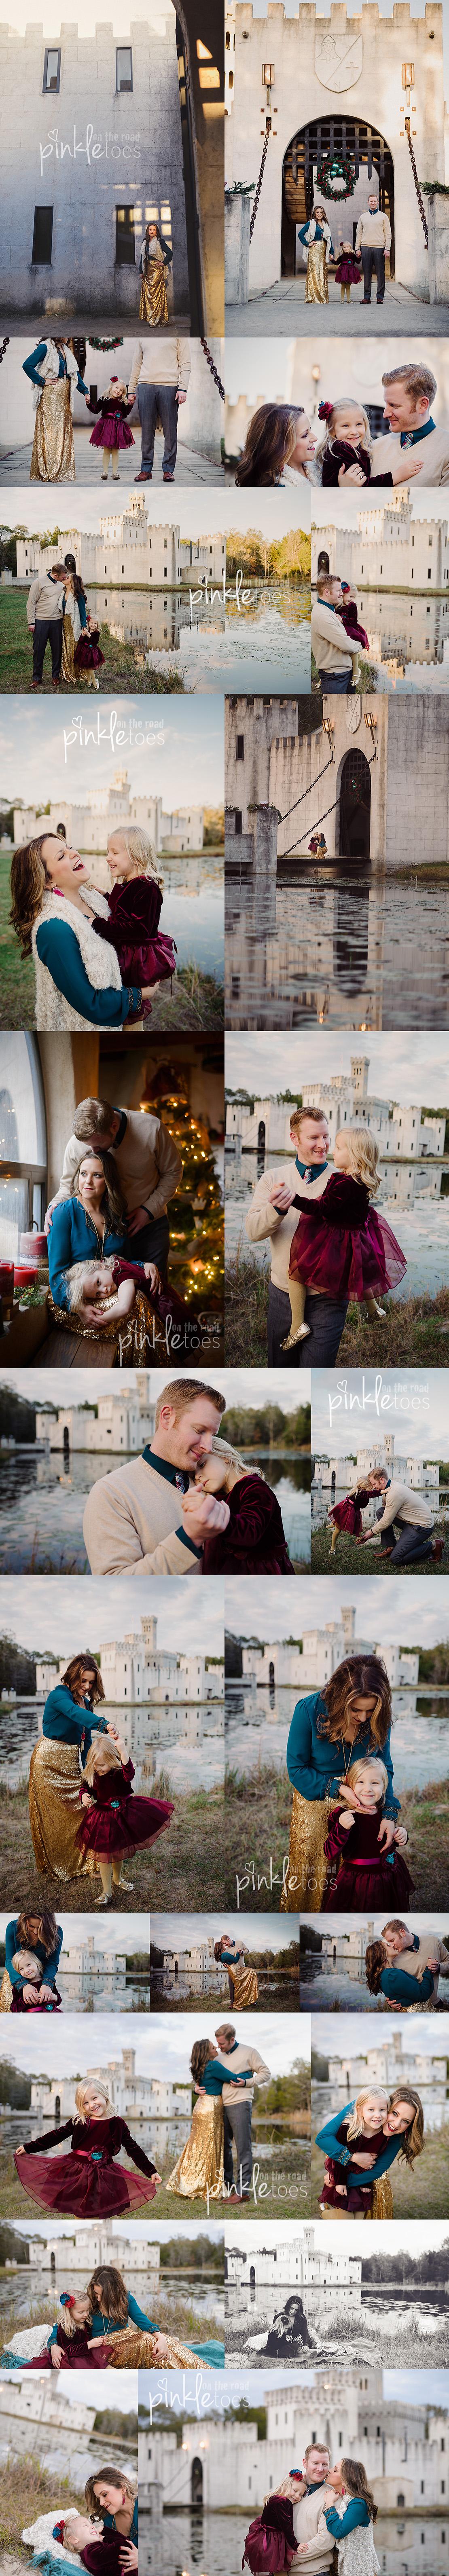 family-photo-session-austin-texas-castle-sequin-skirt-princess-fairytale